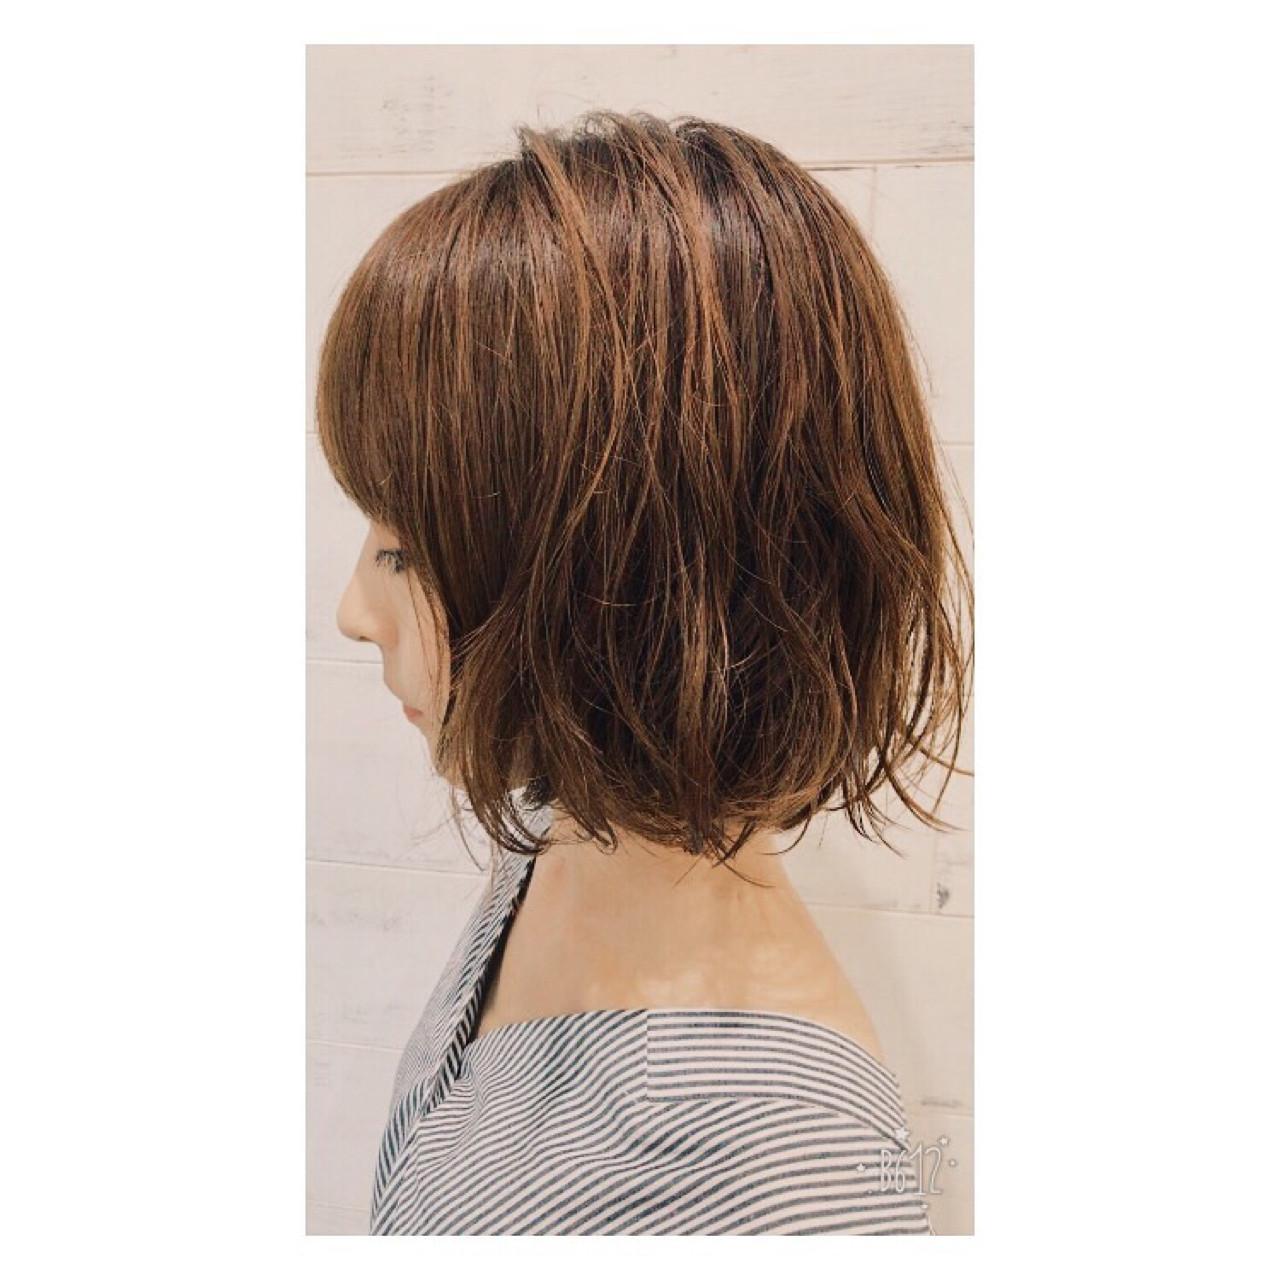 ウェーブ ミディアム アッシュ 大人かわいい ヘアスタイルや髪型の写真・画像